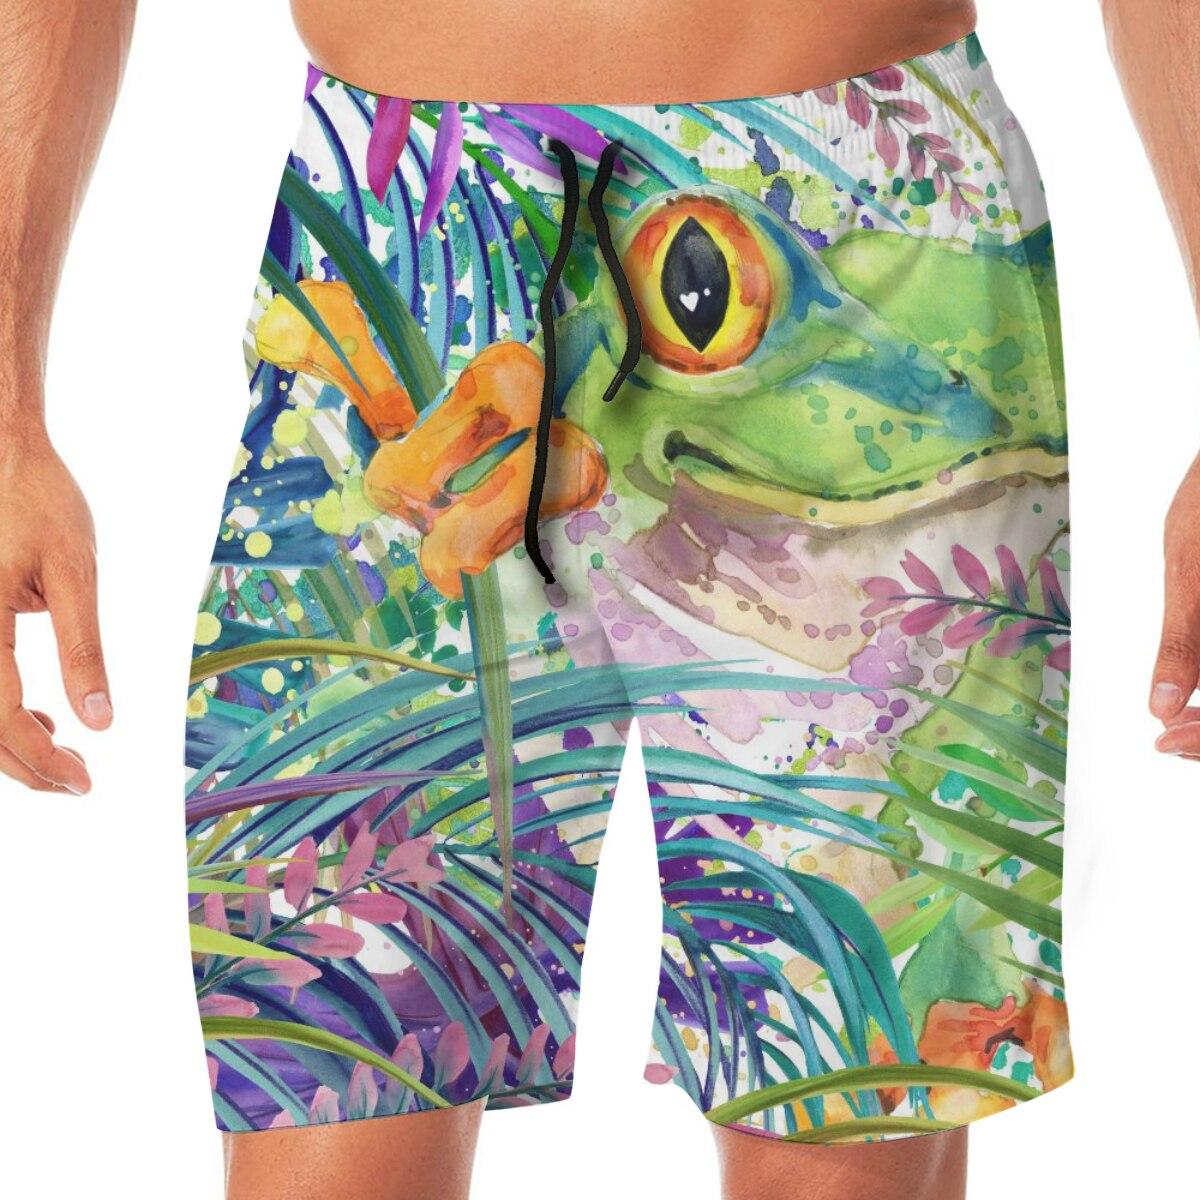 Cute Forest Frog Watercolor Mens Swimsuit Swimwear Men Swimming Shorts Beach Short Sports Suits Surf Board Swim Trunks Beachwear